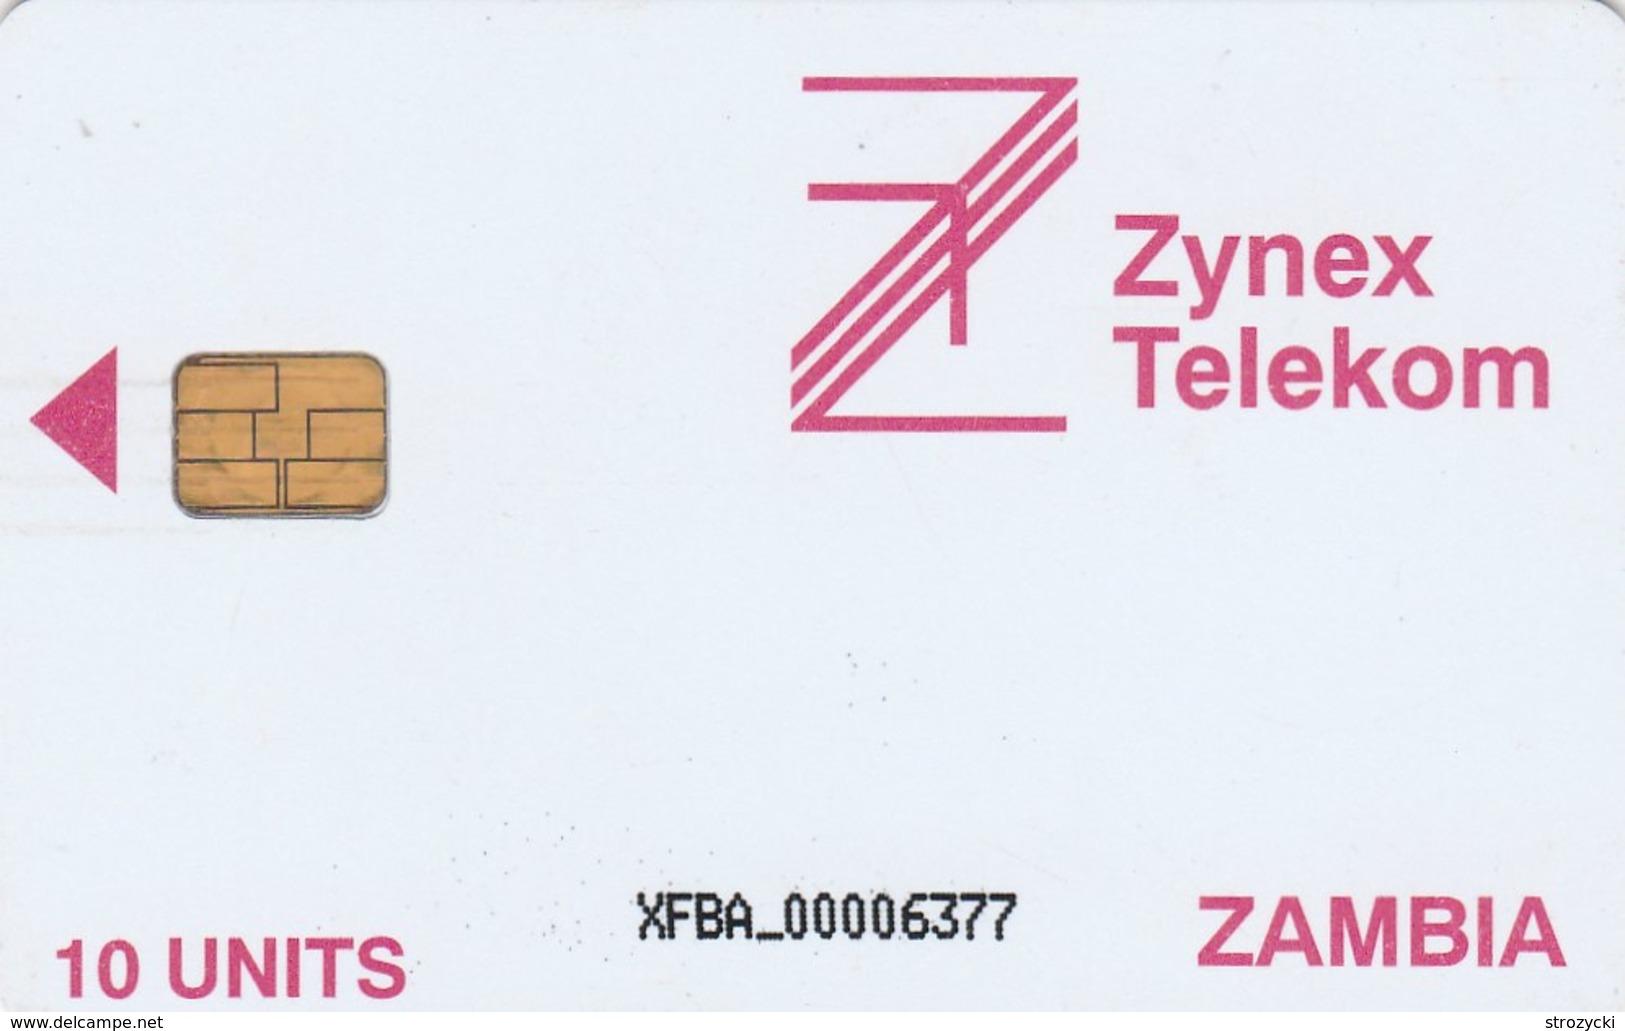 Zambia - Zynex Logo 10 - XFBA - Zambia